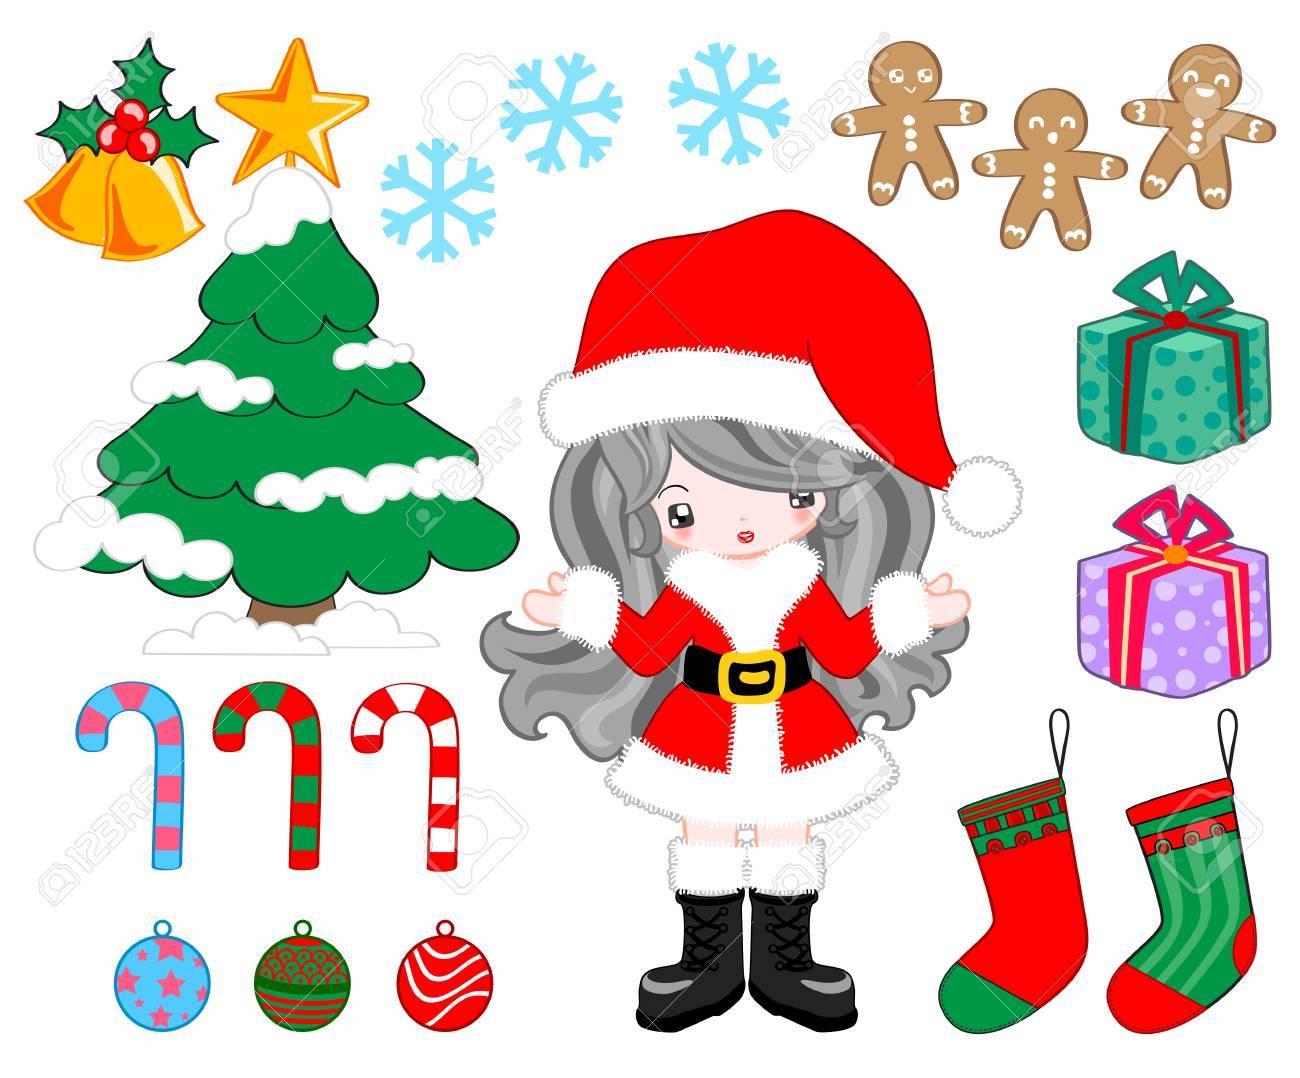 Artikel Weihnachtsfeier.Stock Photo